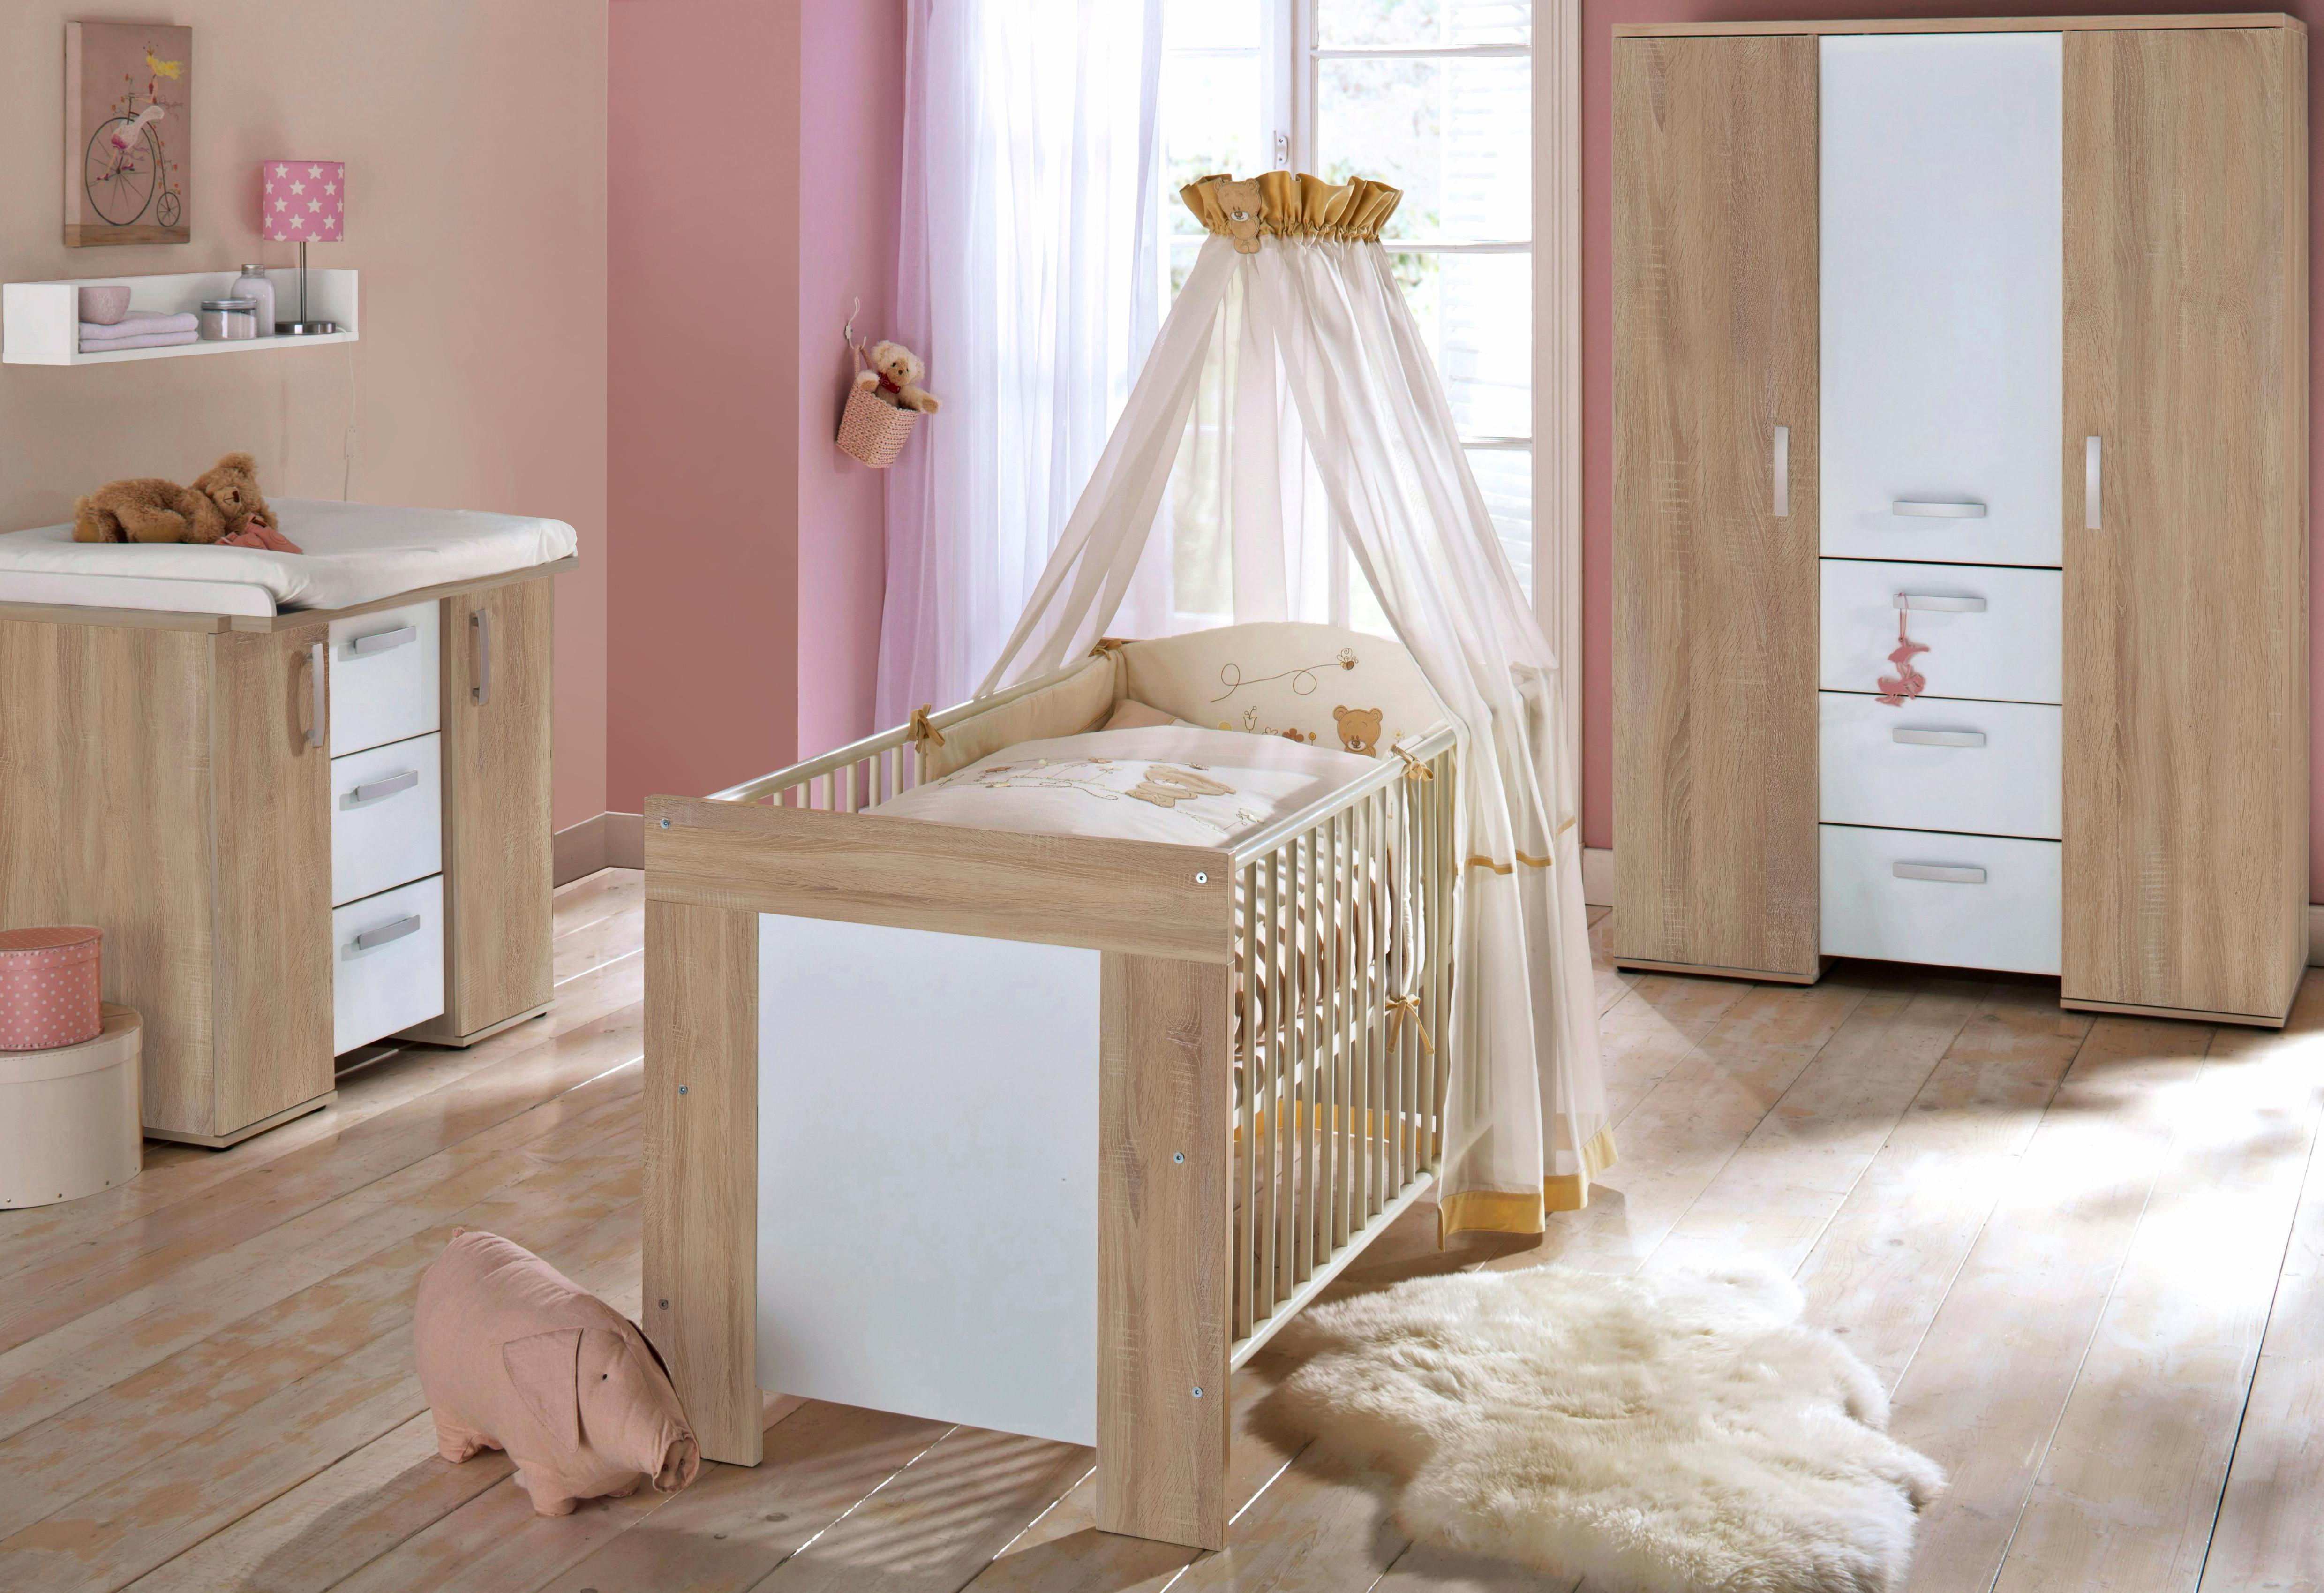 Komplett Babyzimmer »Michi«: Babybett+Wickelkommode+Kleiderschrank, (3-tlg.) eiche NB/weiß